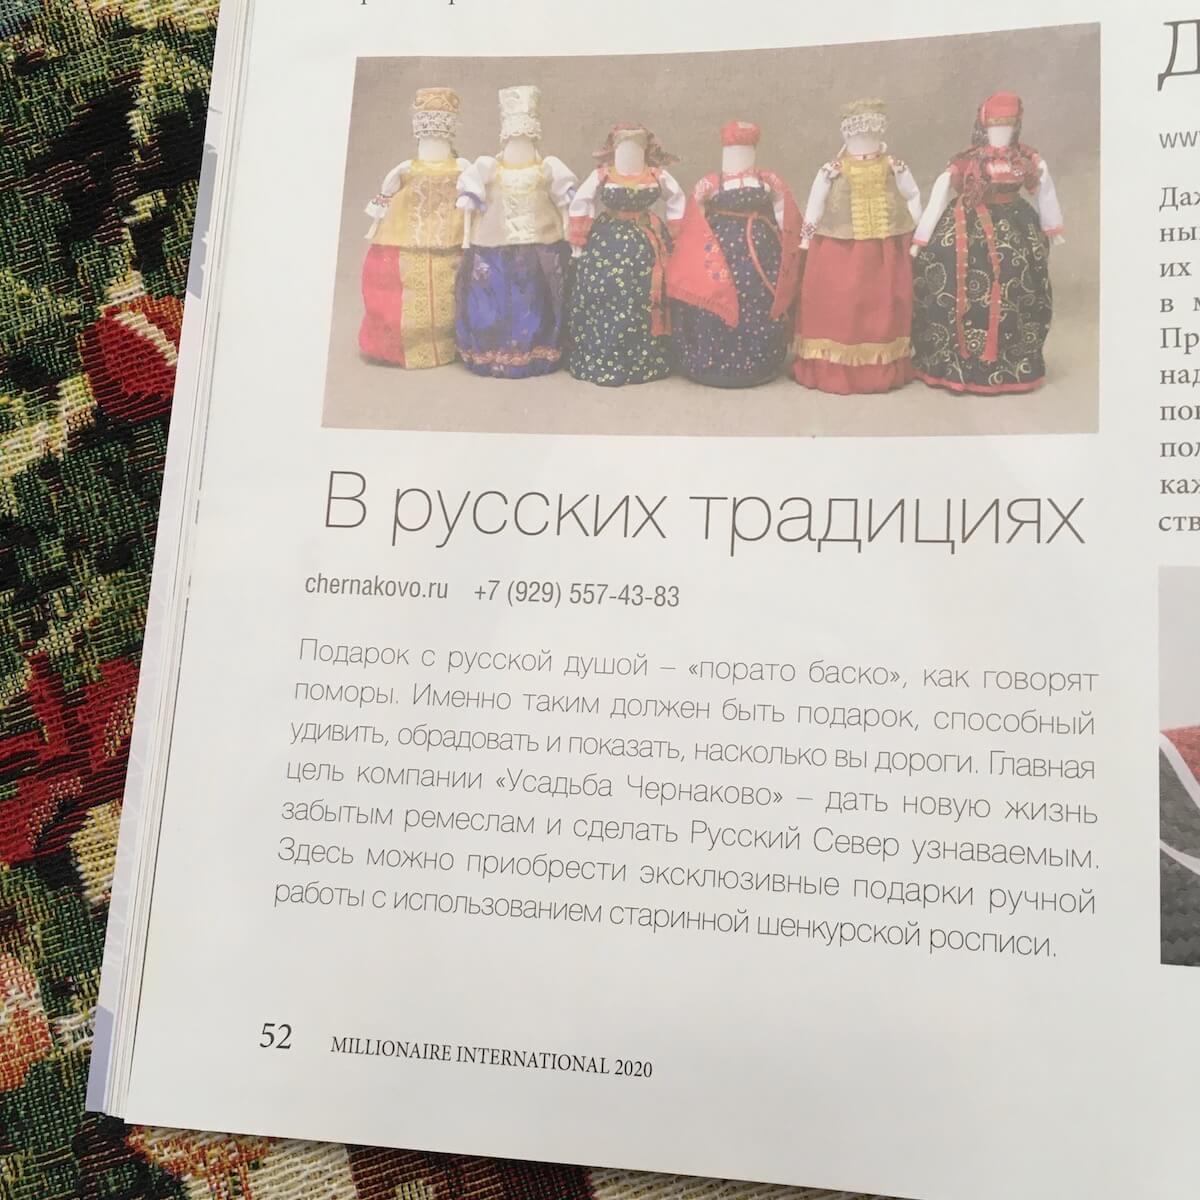 статья об Усадьбе Чернаково в журнале Millionaire International